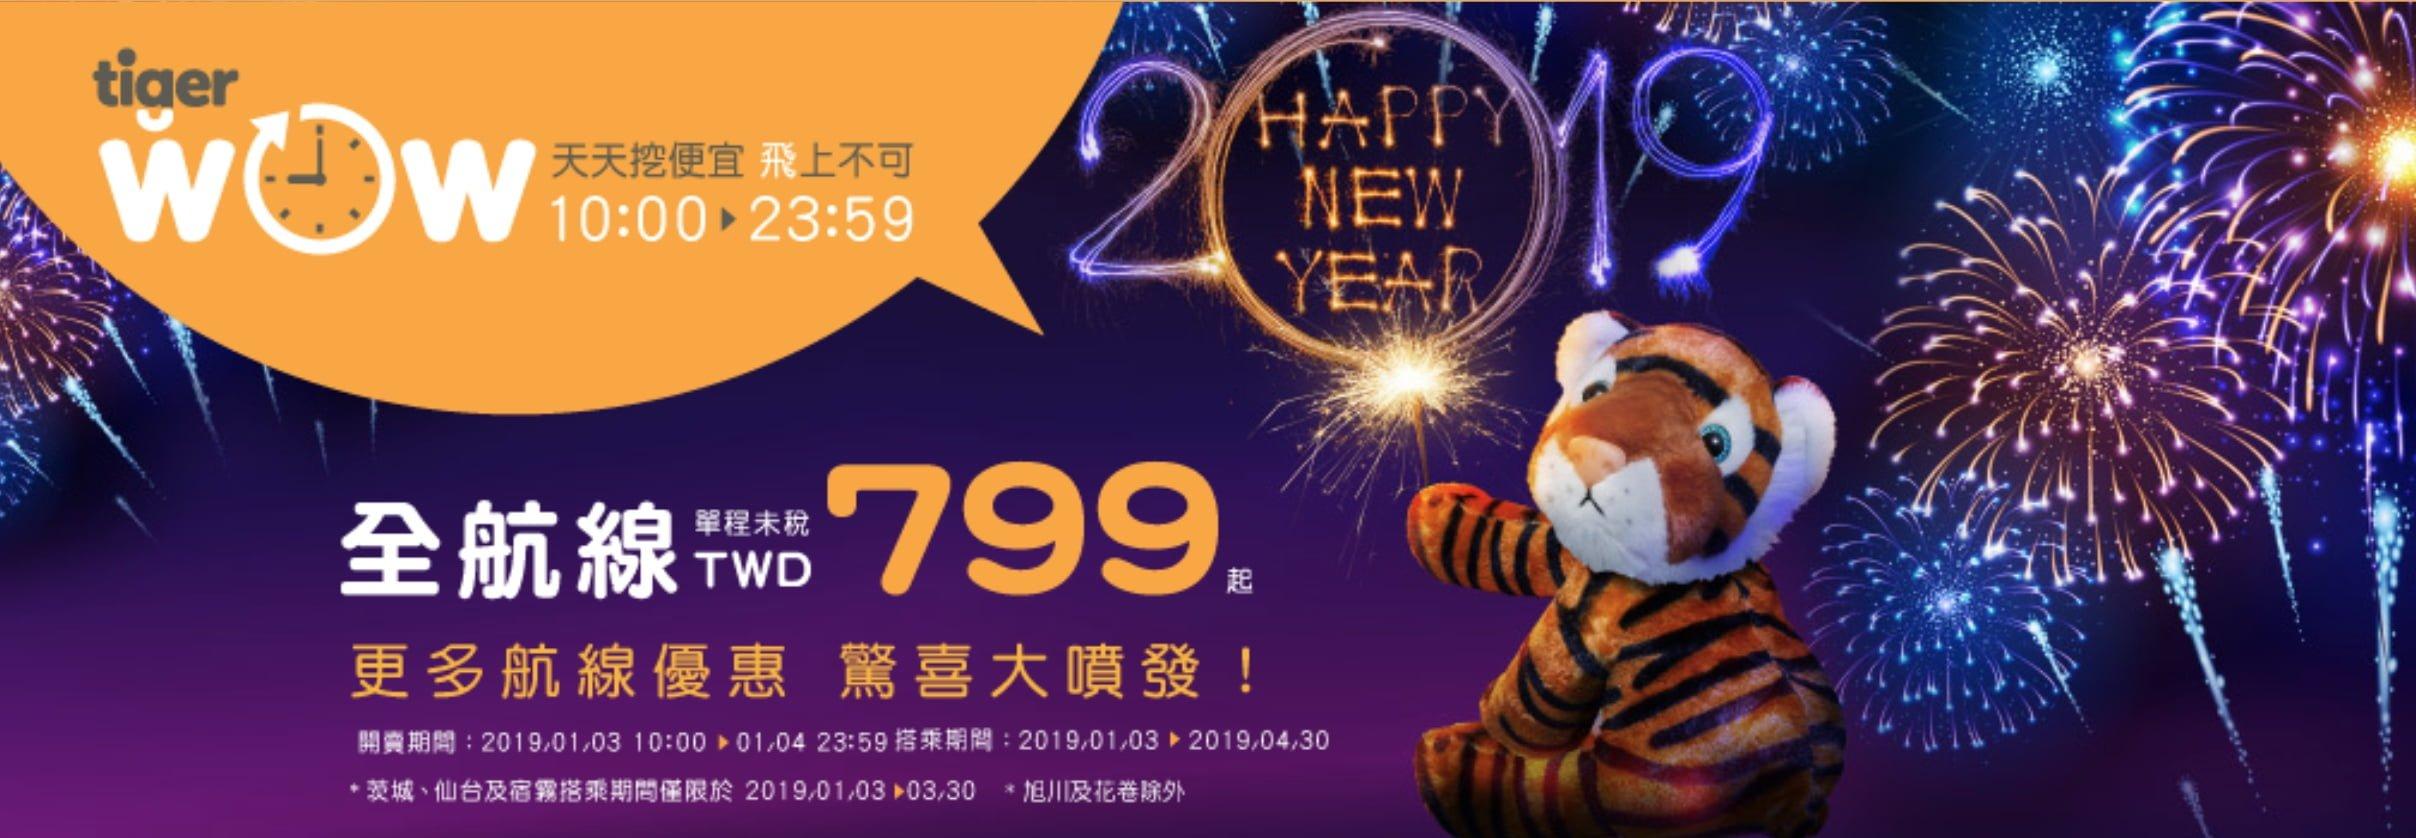 台灣虎航 2019